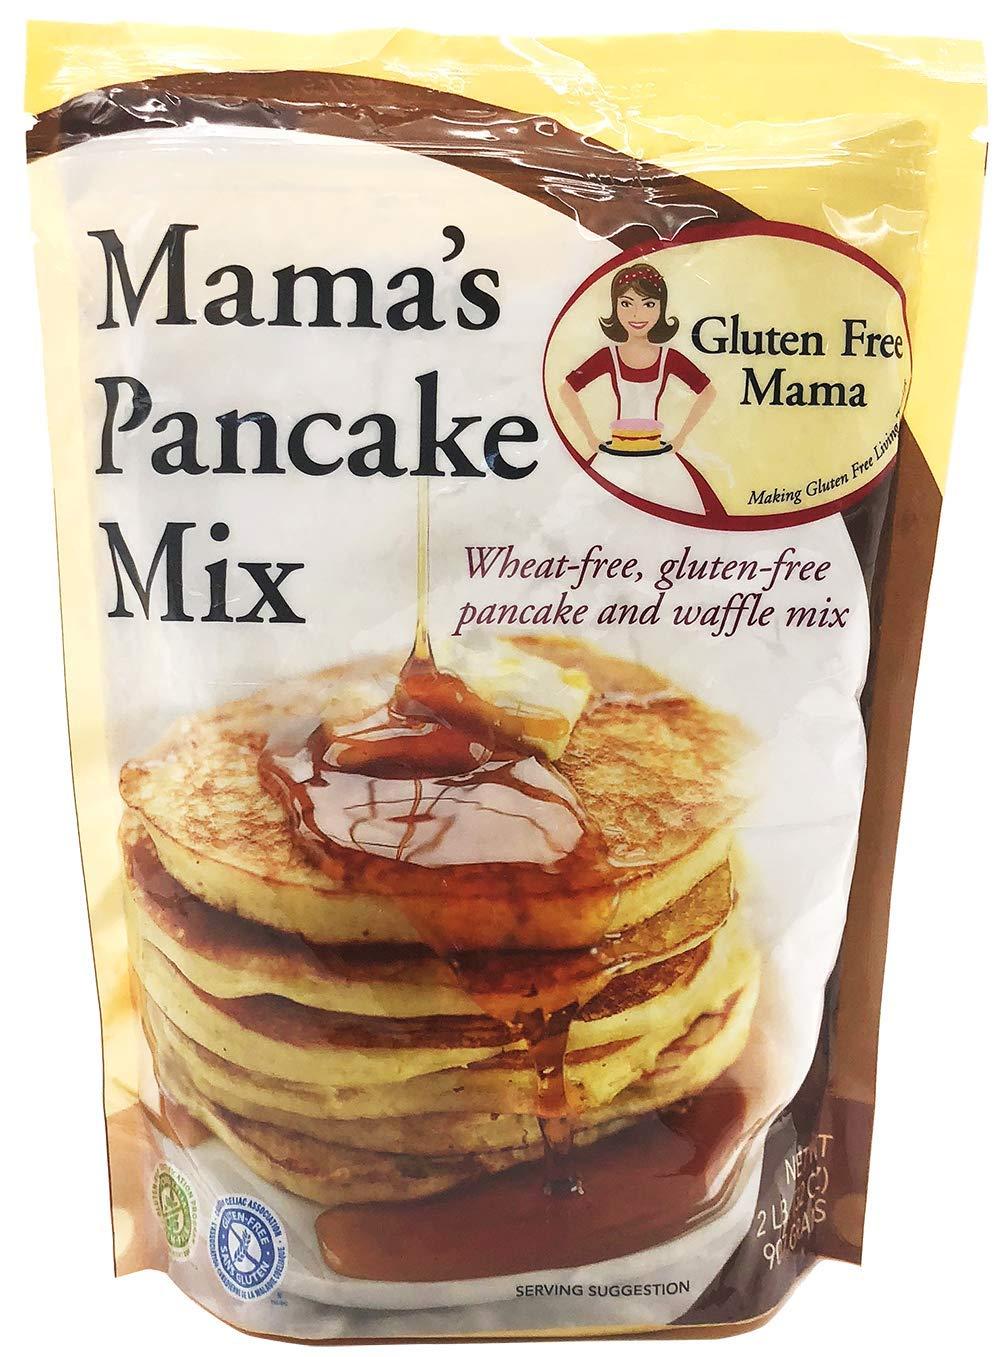 Gluten Free Mama's: Pancake and Waffle Mix - Light and Fluffy - 32 oz Bag by Gluten Free Mama